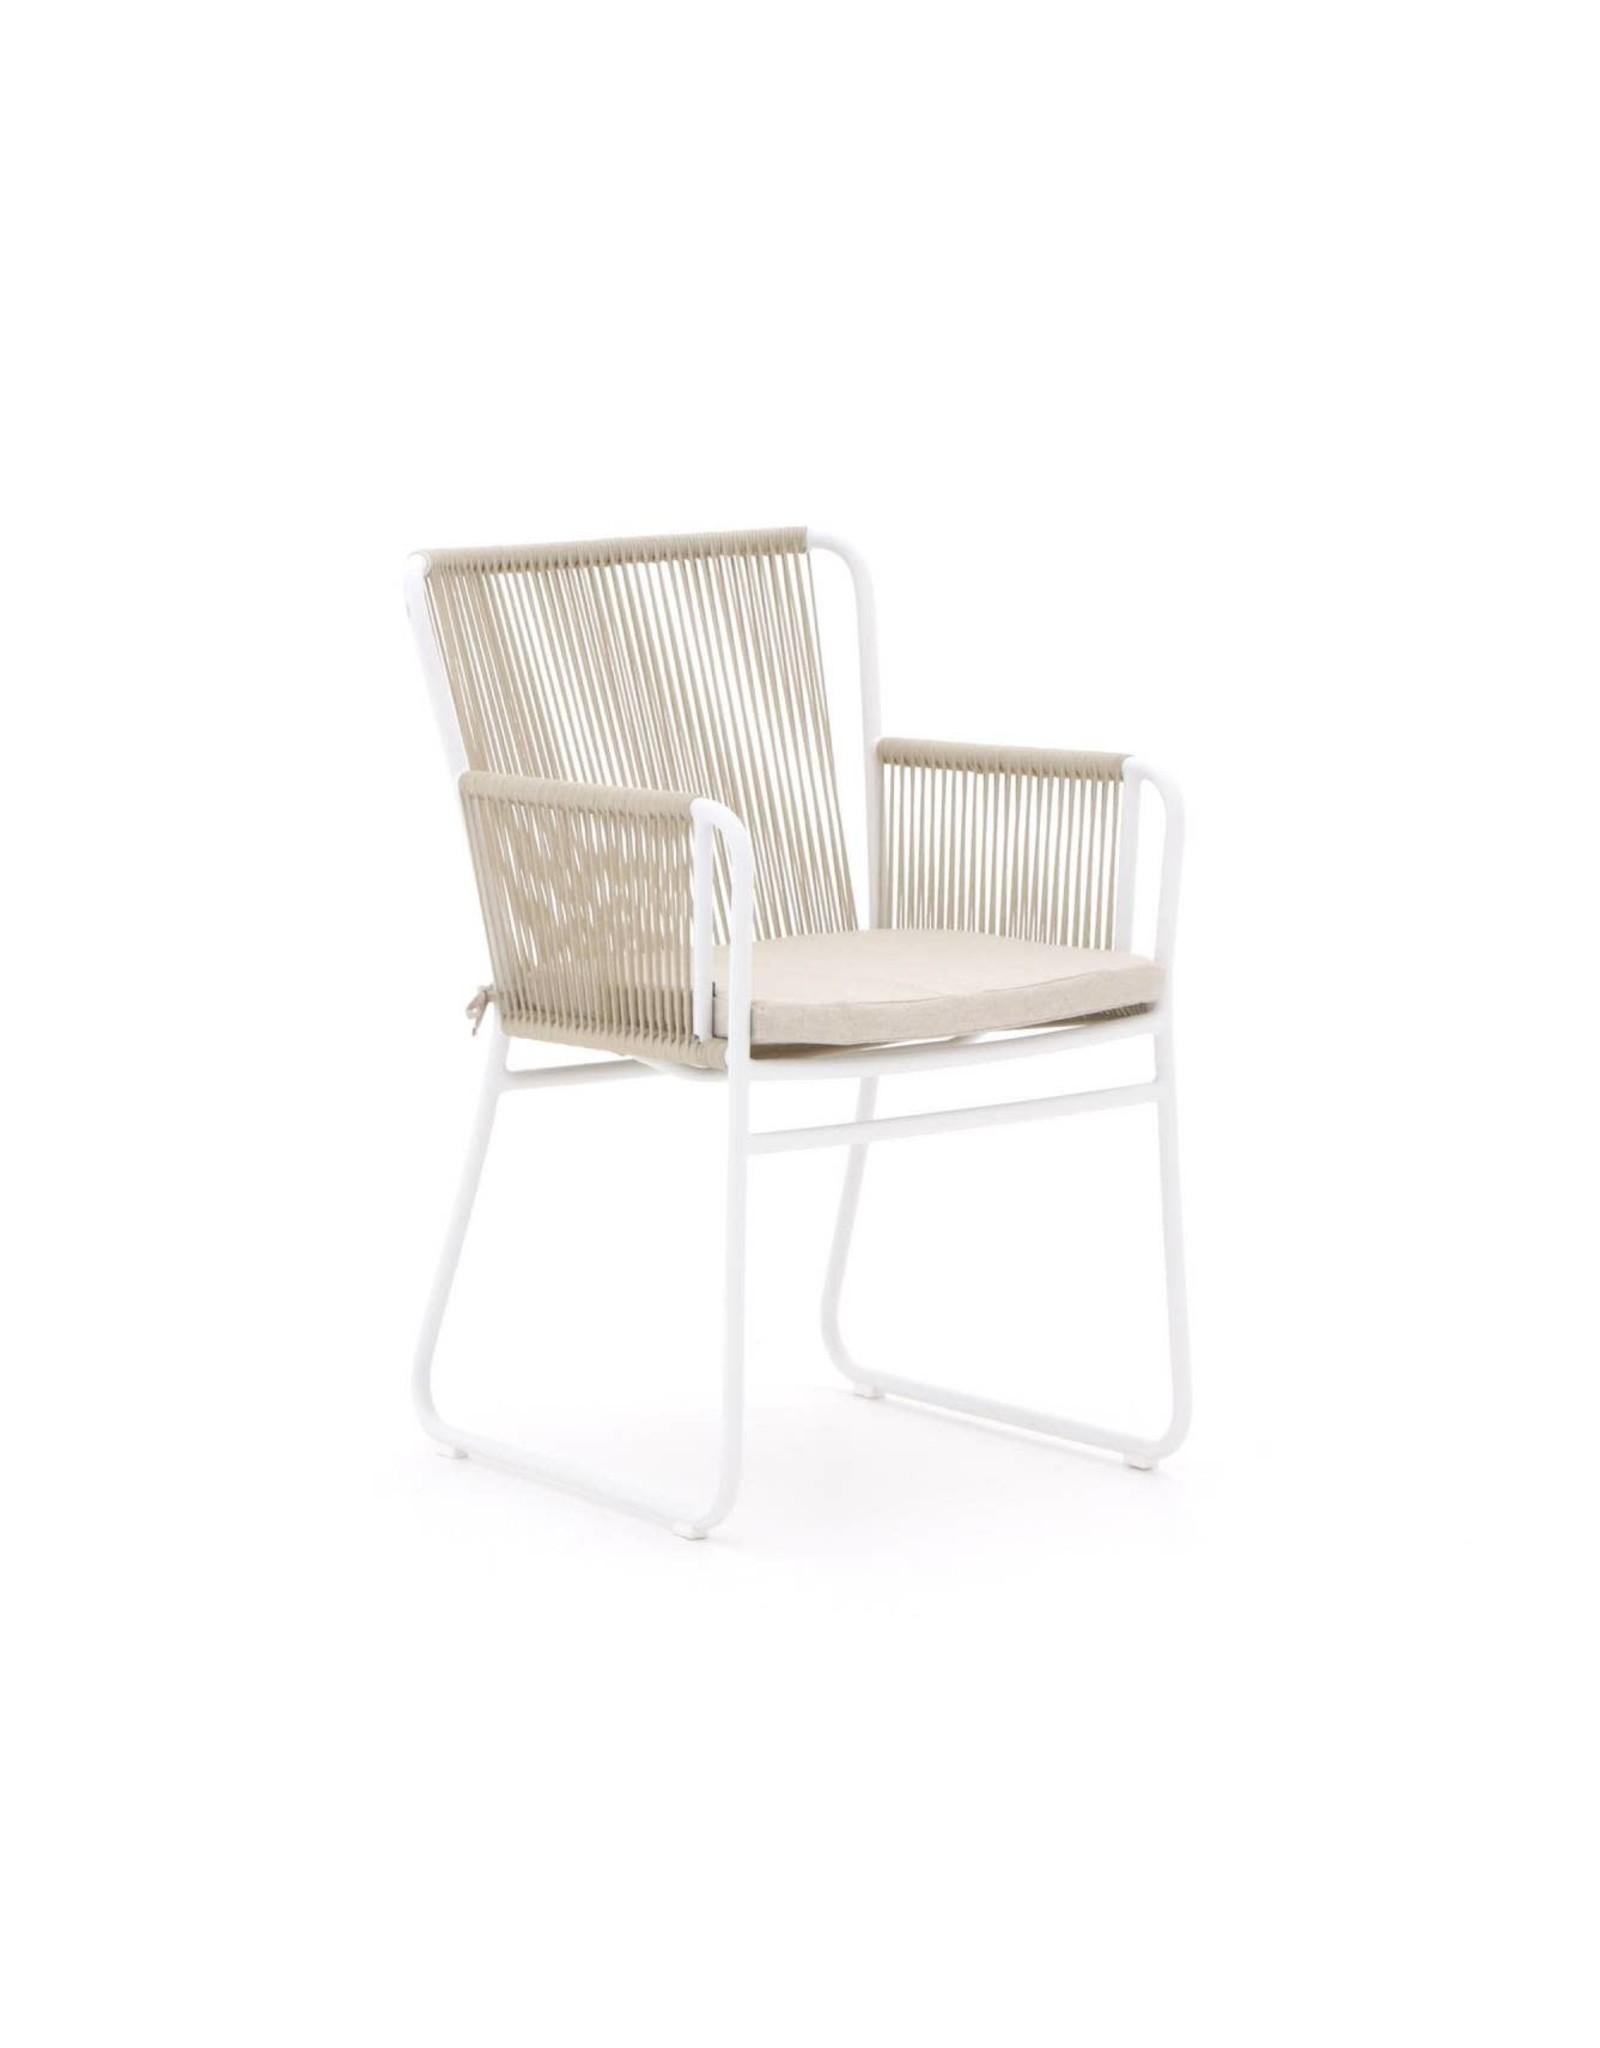 Hartman Dining Chair - Ayanna